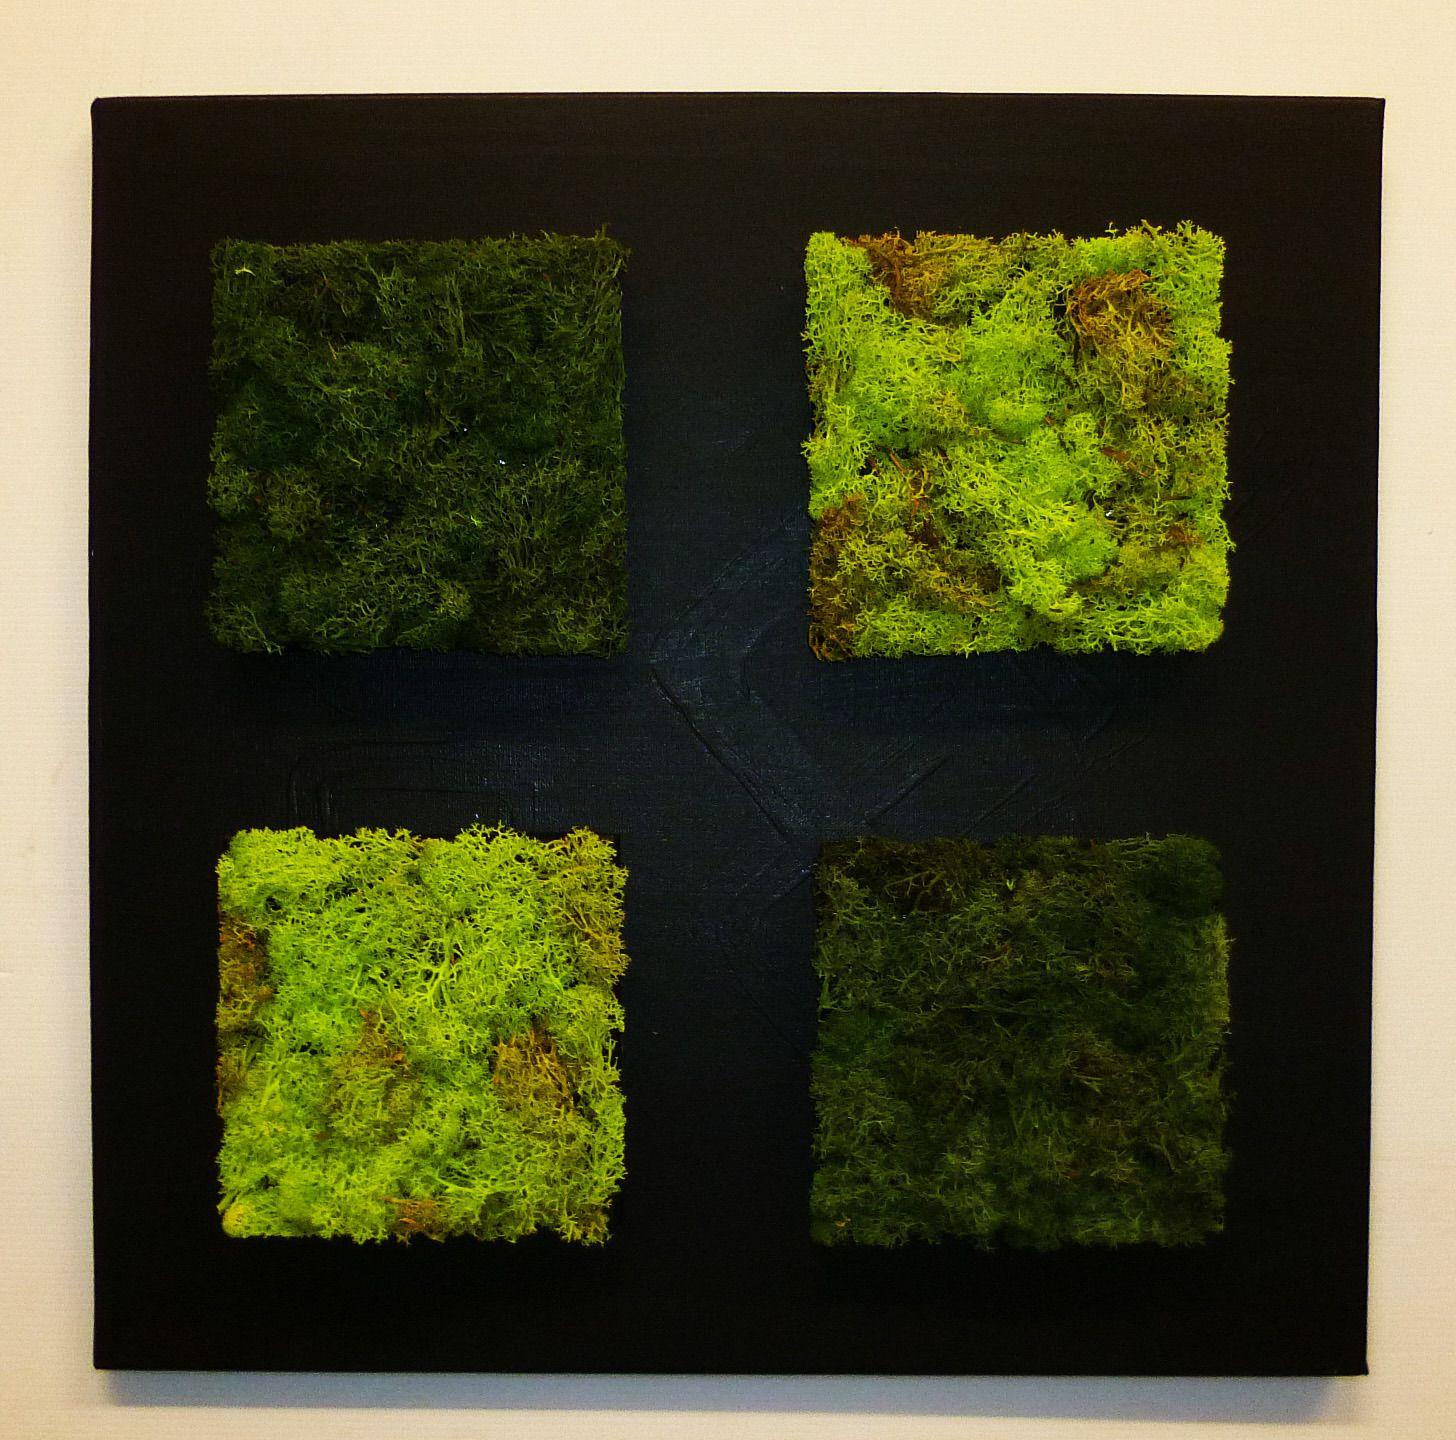 tableau v g tal stabilis 50 x 50 cm lichen bicolore 013 d corations murales par caly design. Black Bedroom Furniture Sets. Home Design Ideas